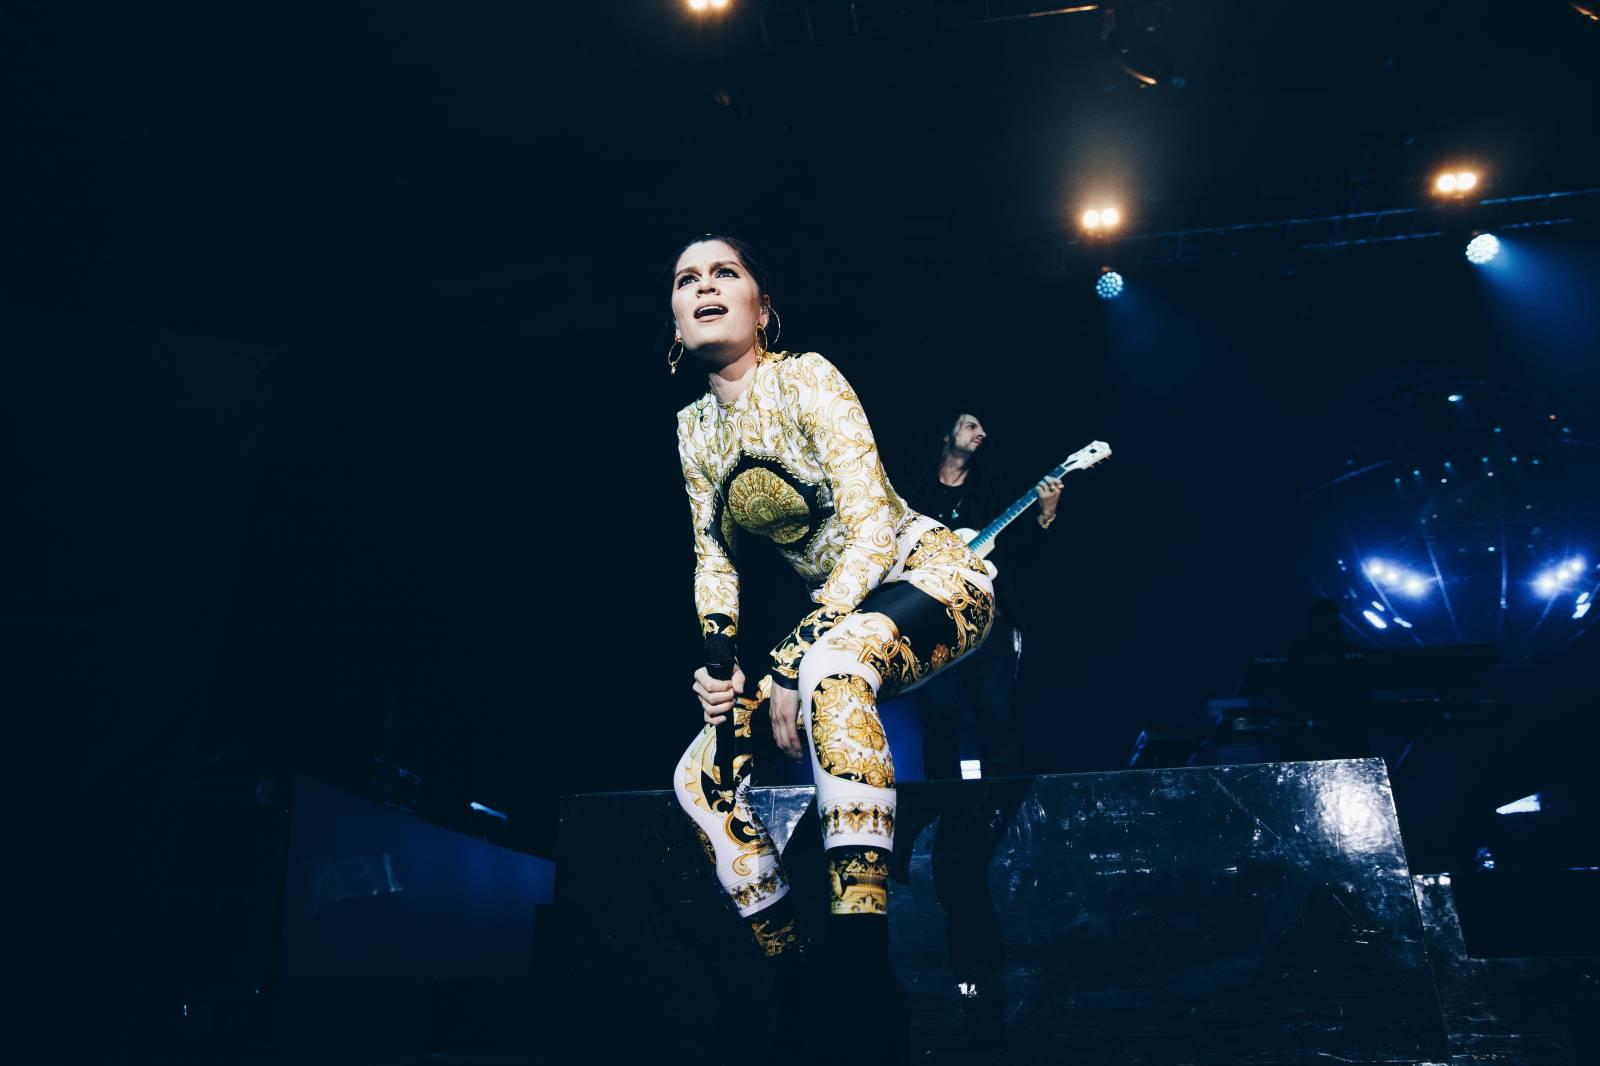 LIVE: Jessie J v pražském Foru Karlín sršela energií. Ale mluvit mohla klidně méně